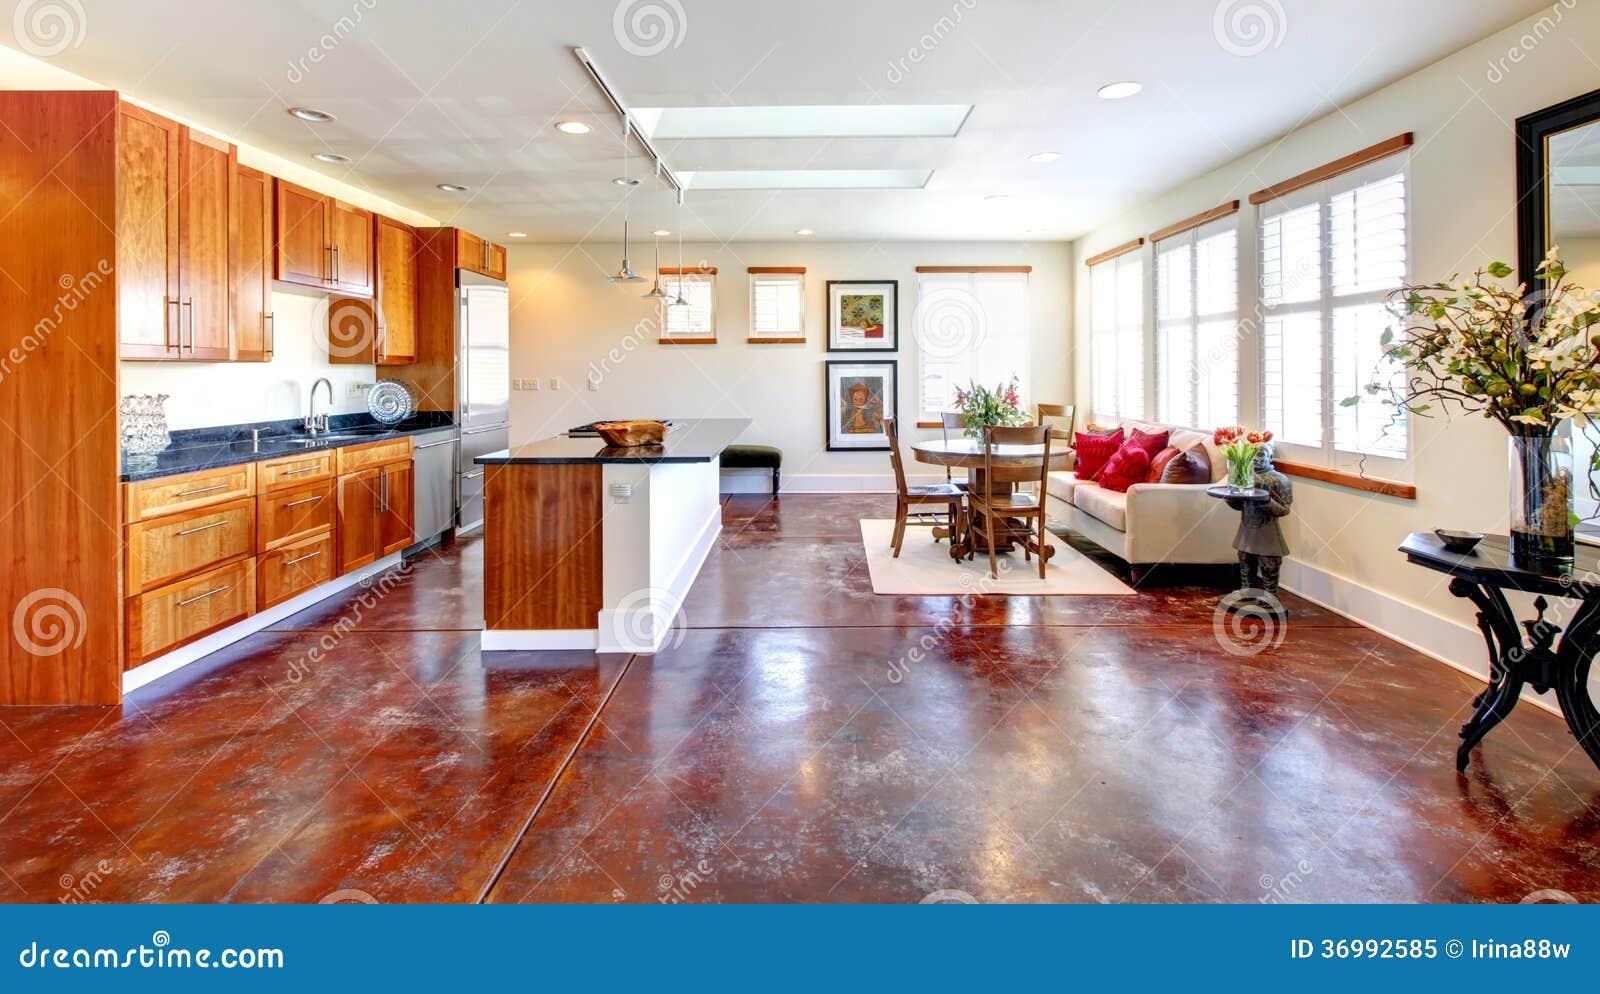 Grote combinatie van modern ontwerp en rustiek meubilair groot k royalty vrije stock foto - Modern meubilair en oude ...